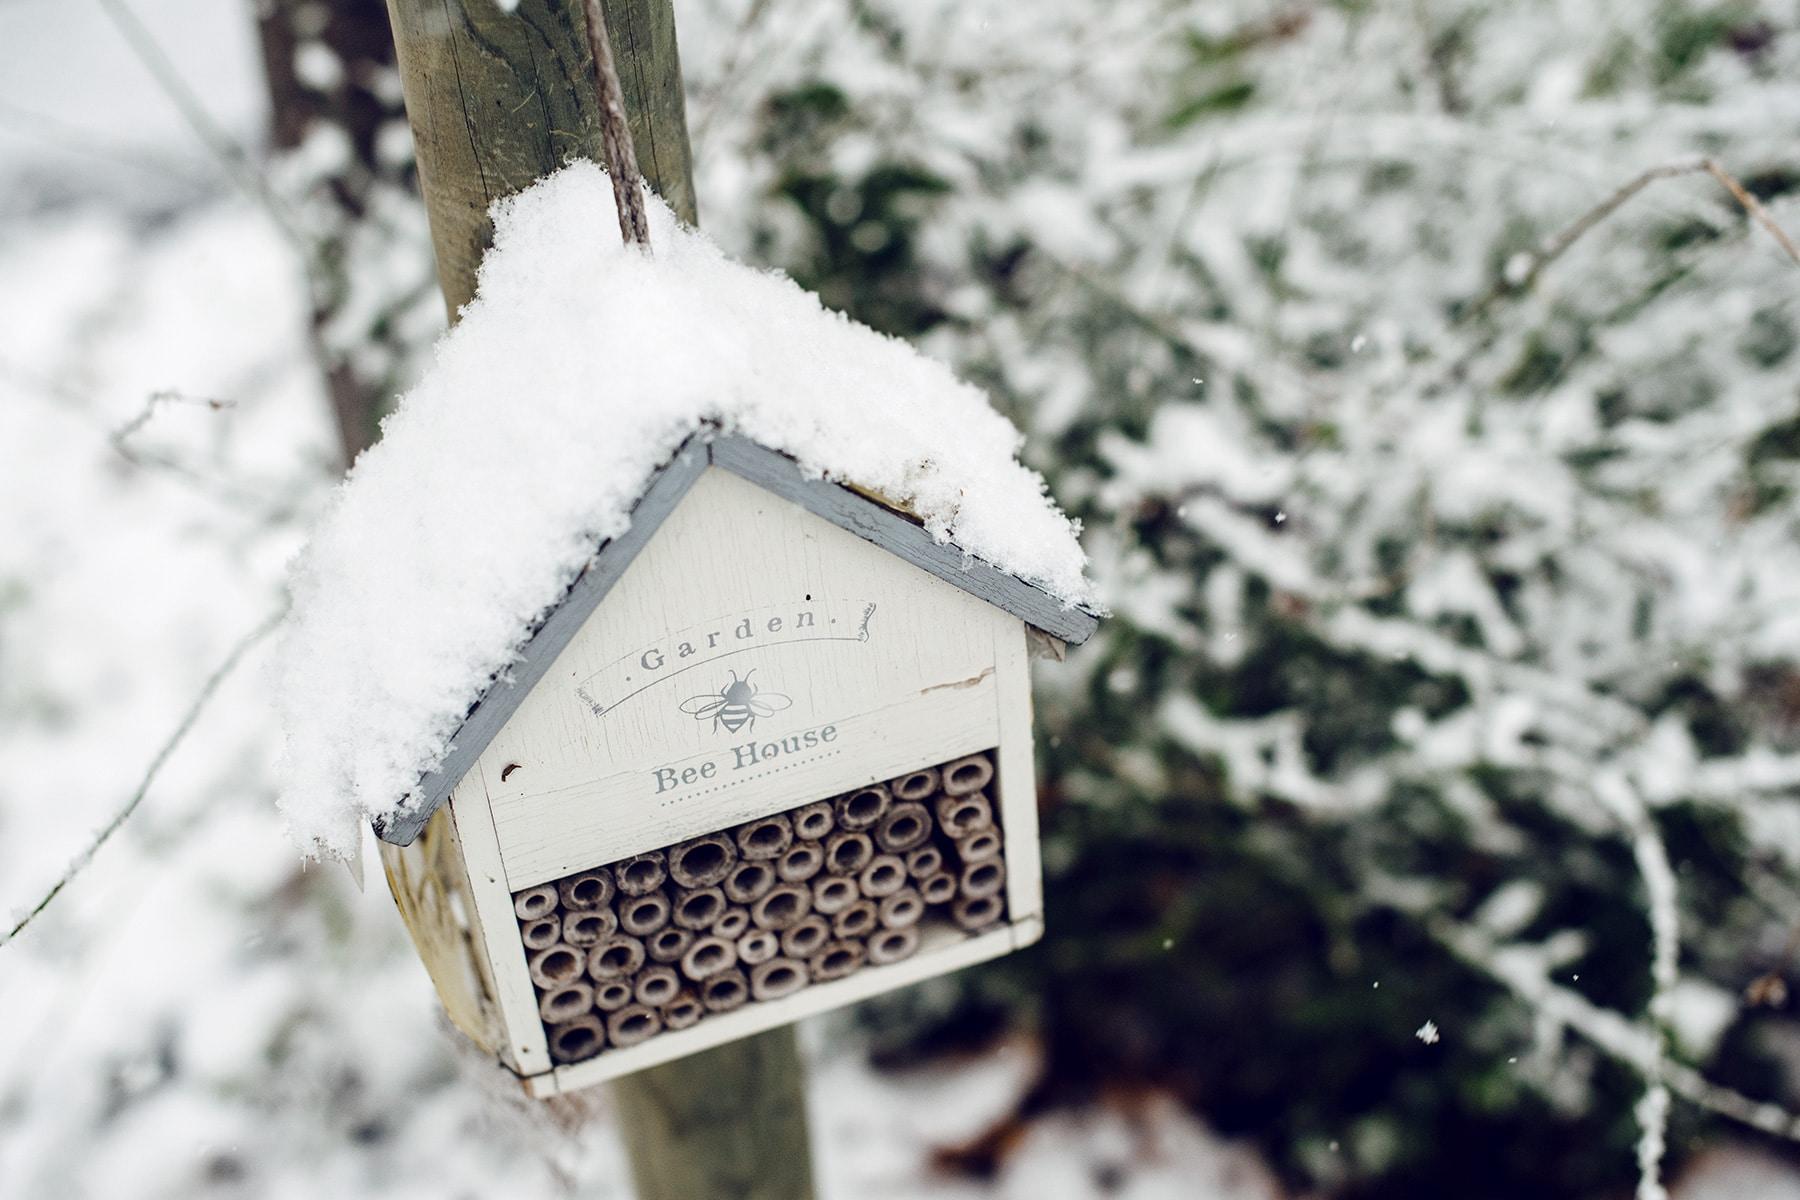 Petit abris pour abeilles recouvert de neige fraiche